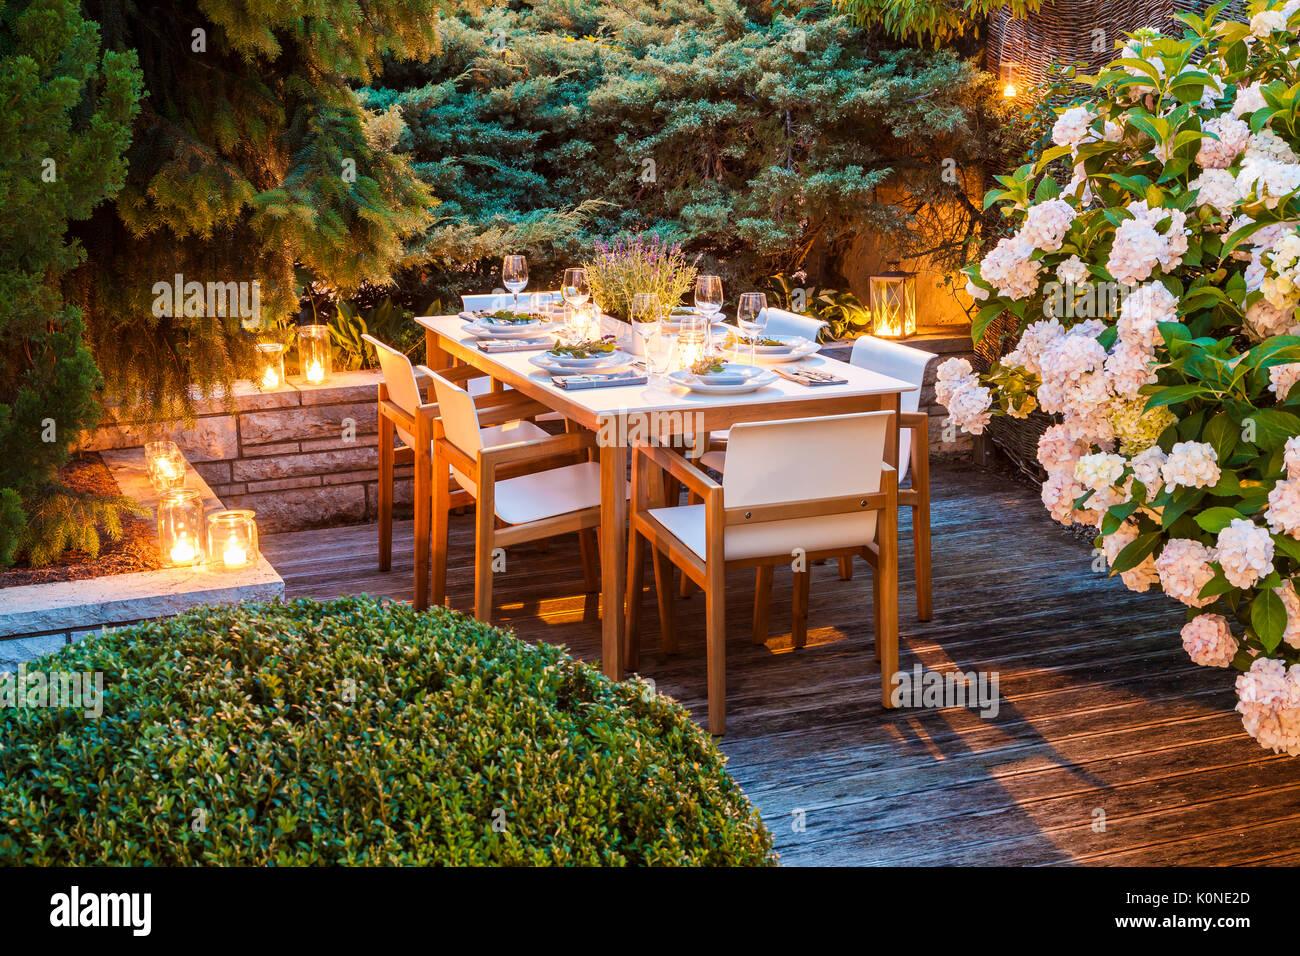 Faszinierend Garten Terrasse Das Beste Von Deutschland, Garten, Terrasse, Holzdeck, Gartenmöbel, Moderne Sitzgruppe,